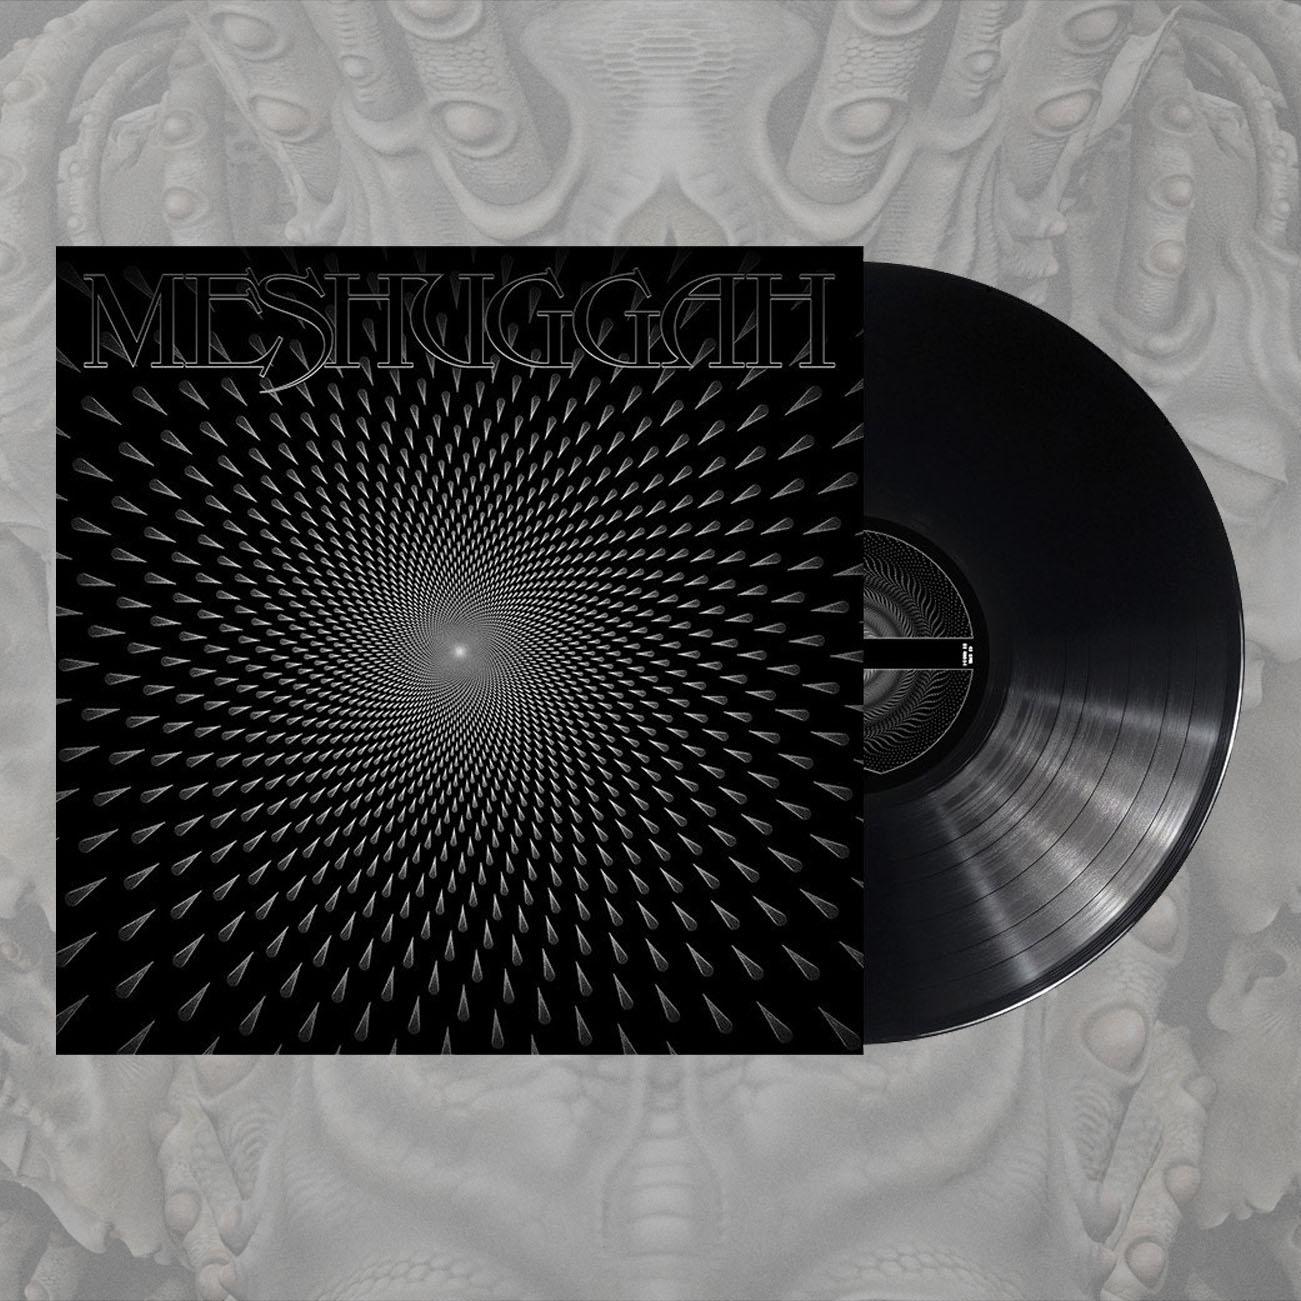 Meshuggah - 'Meshuggah' Black LP - Meshuggah